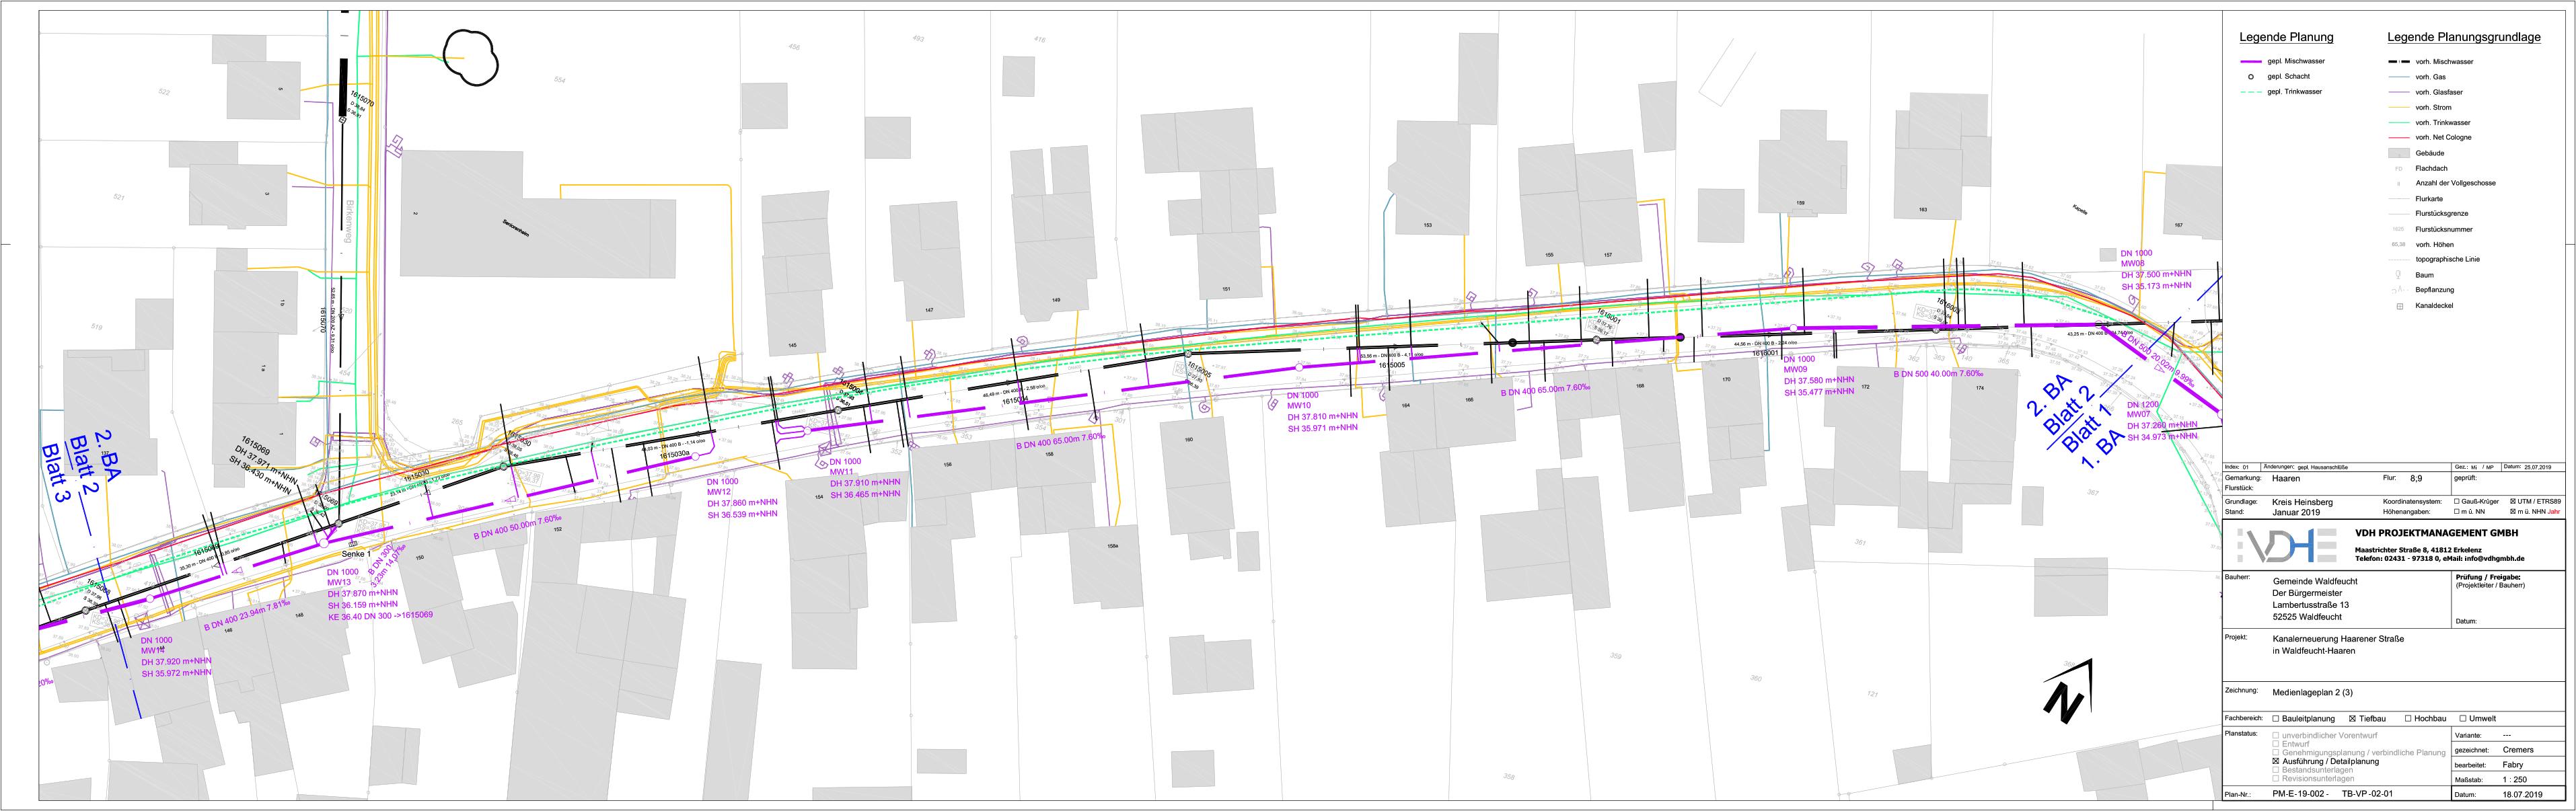 VDH Projektmanagement GmbH – Waldfeucht Haarener Straße Kanalsanierung